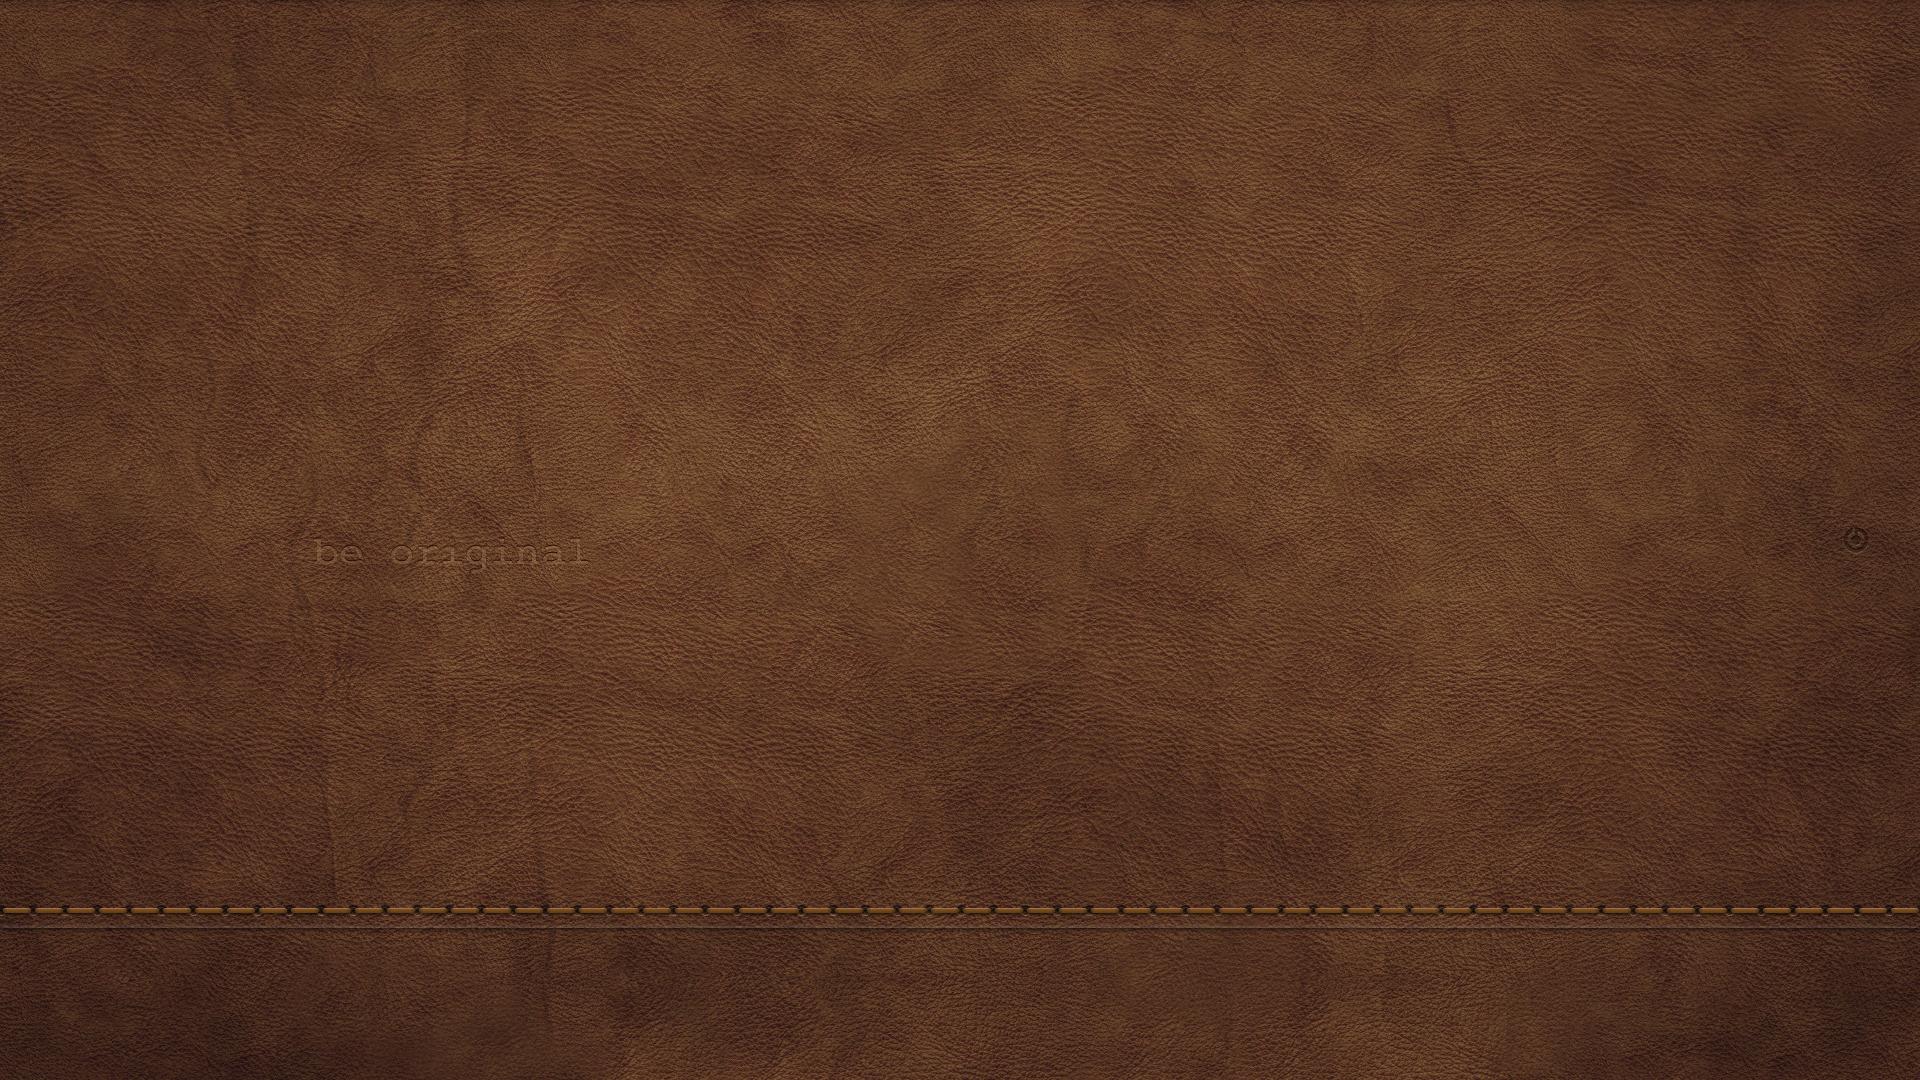 кожа выделка текстура  № 3915041 без смс